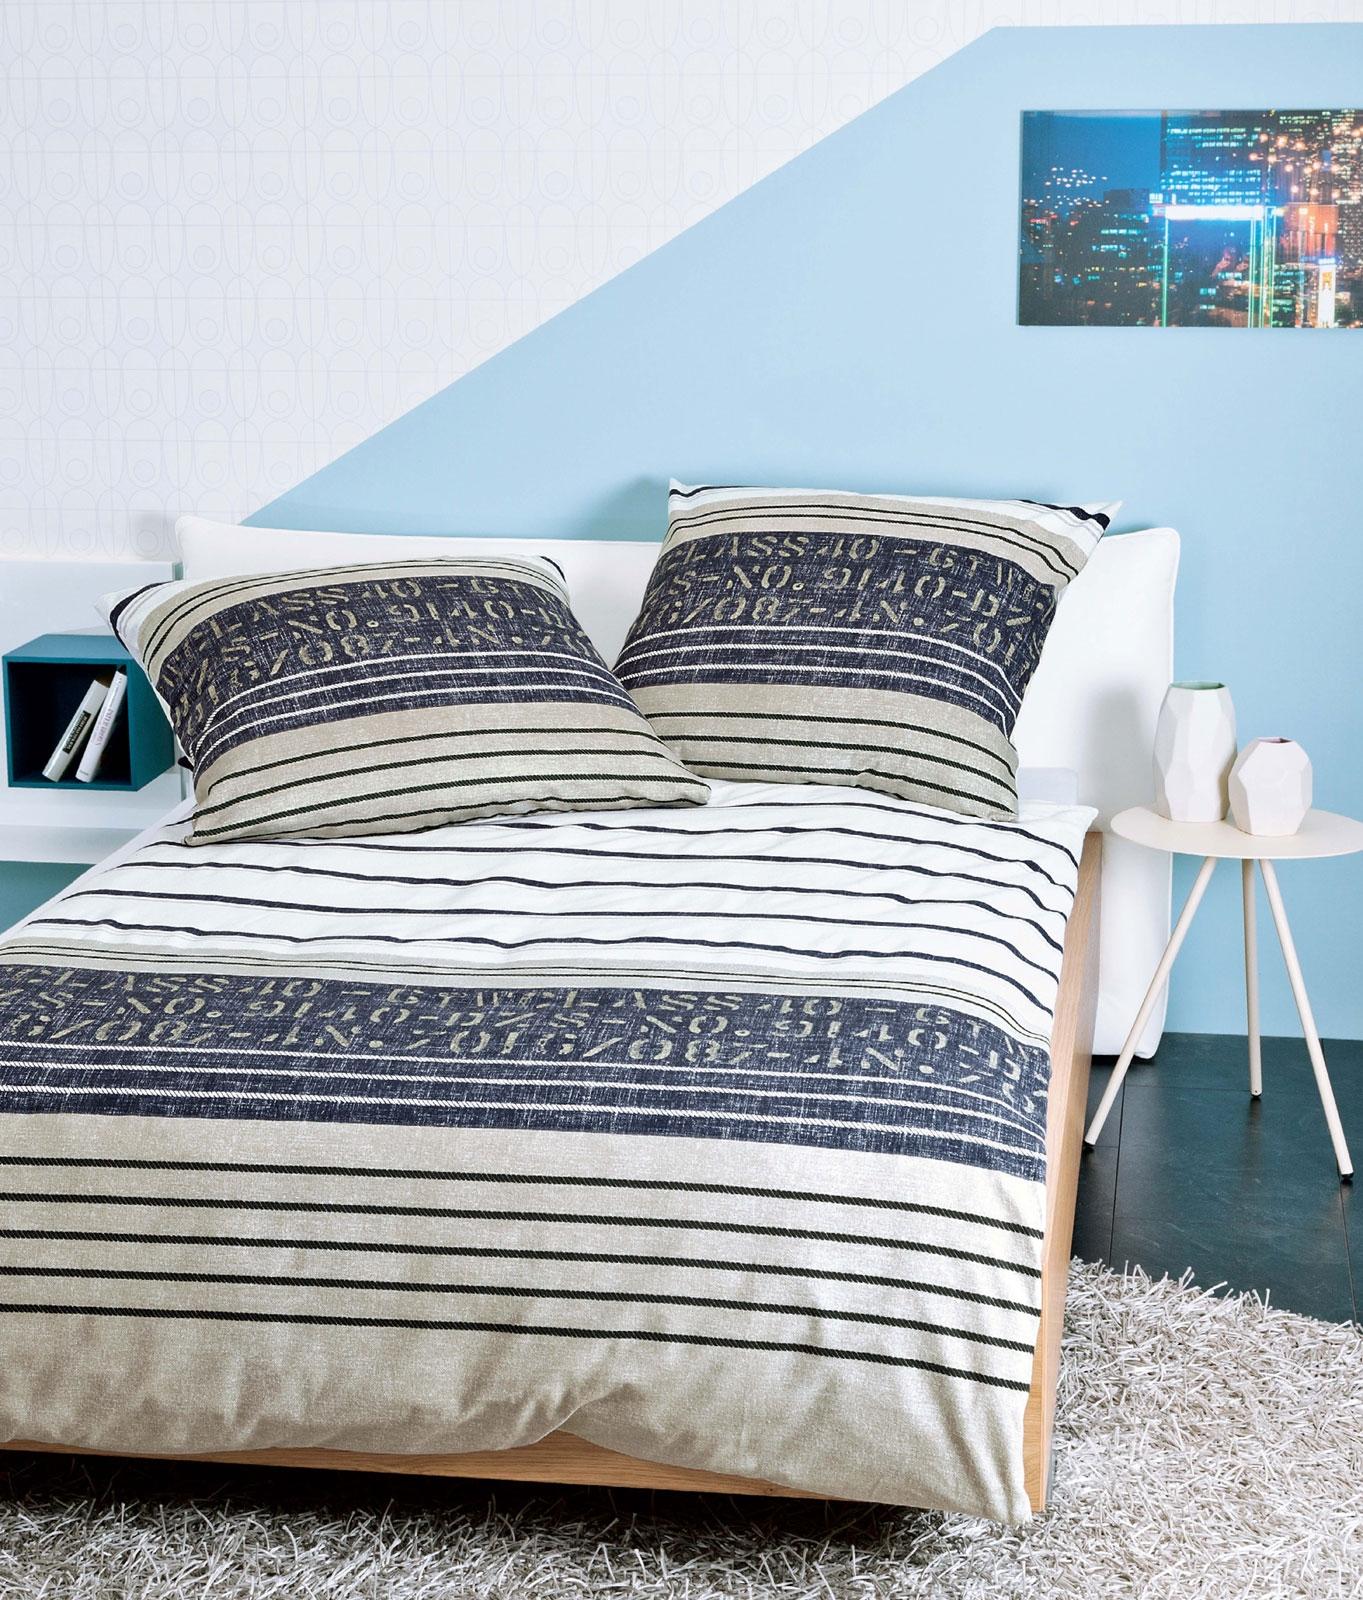 Bettwäsche - Janine Feinbiber Bettwäsche DAVOS 65013 07 taupe jeansblau incl. Aufbewahrungsbeutel  - Onlineshop PremiumShop321